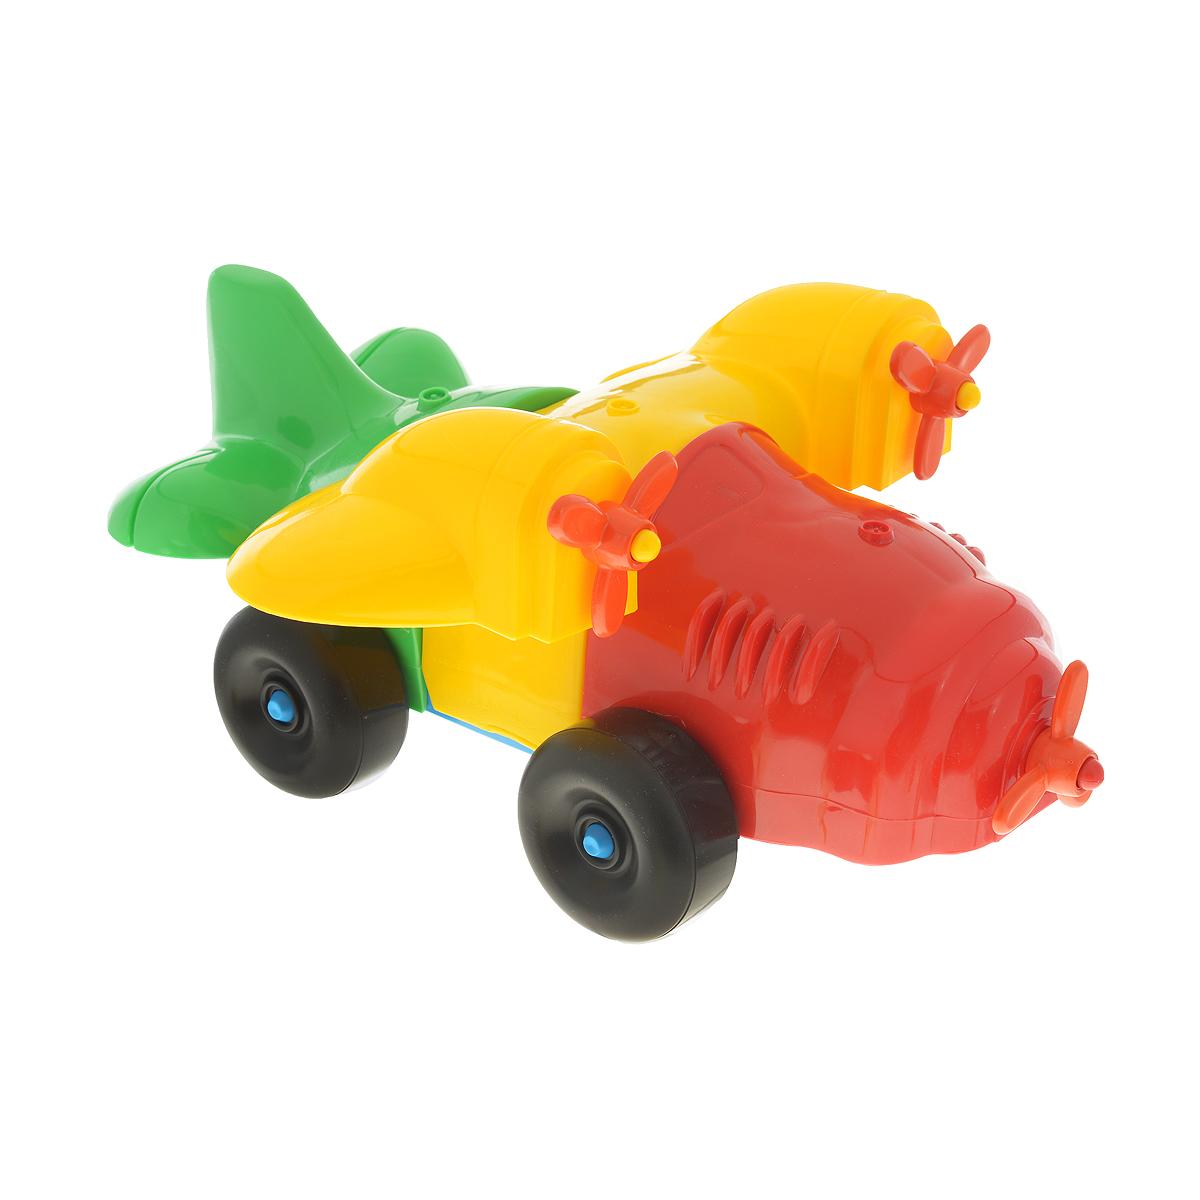 Каталка-конструктор Bauer Самолет. 283283Каталка-конструктор Bauer Самолет обязательно привлечет внимание вашего малыша. Игрушка состоит из нескольких крупных элементов разных цветов, из которых можно собрать самолет на колесиках. Также в комплект входит верёвочка, которую можно привязать к игрушке, чтобы ребёнок мог катить её за собой. Игрушка выполнена из высококачественного пластика с использованием пищевых красителей. С такой игрушкой ваш ребенок весело проведет время, играя на детской площадке или в песочнице. А процесс сборки игрушки-конструктора поможет малышу развить мелкую моторику пальчиков, внимательность и усидчивость. Порадуйте своего малыша такой чудесной игрушкой!